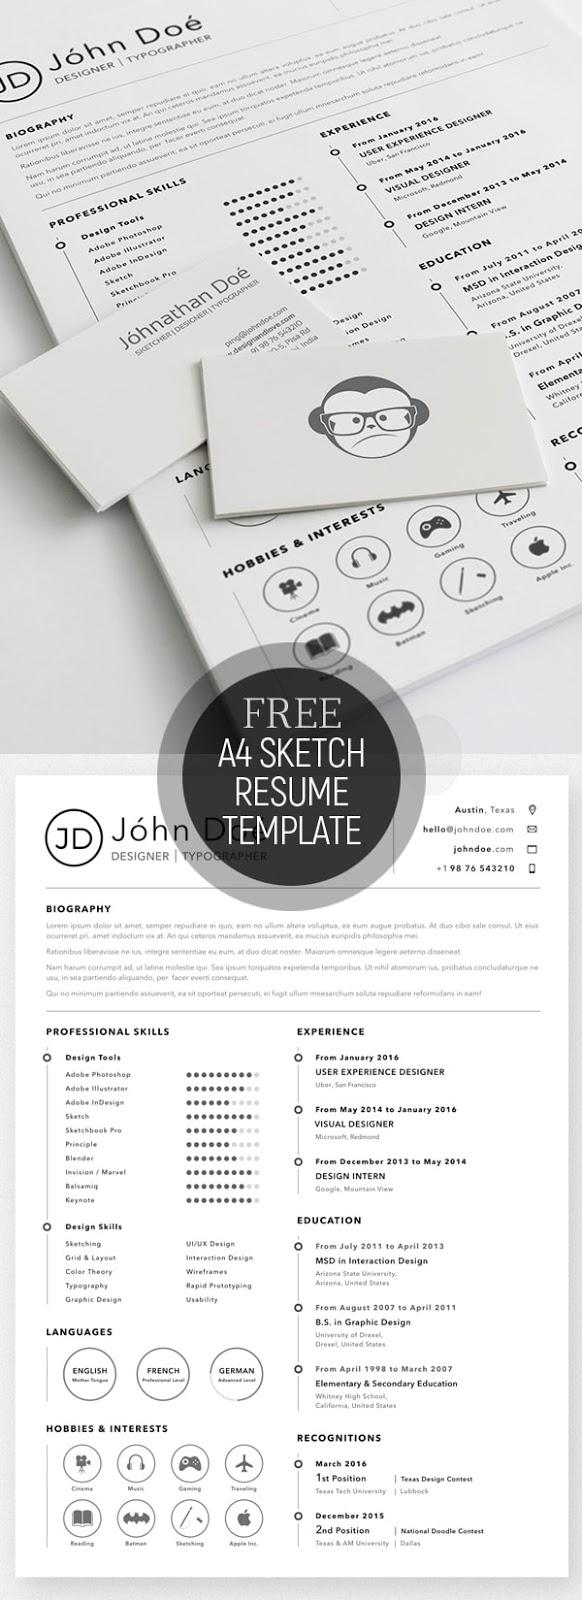 Template Resume / CV Terbaru dan Terbaik 2017 - Free A4 Resume Sketch Template